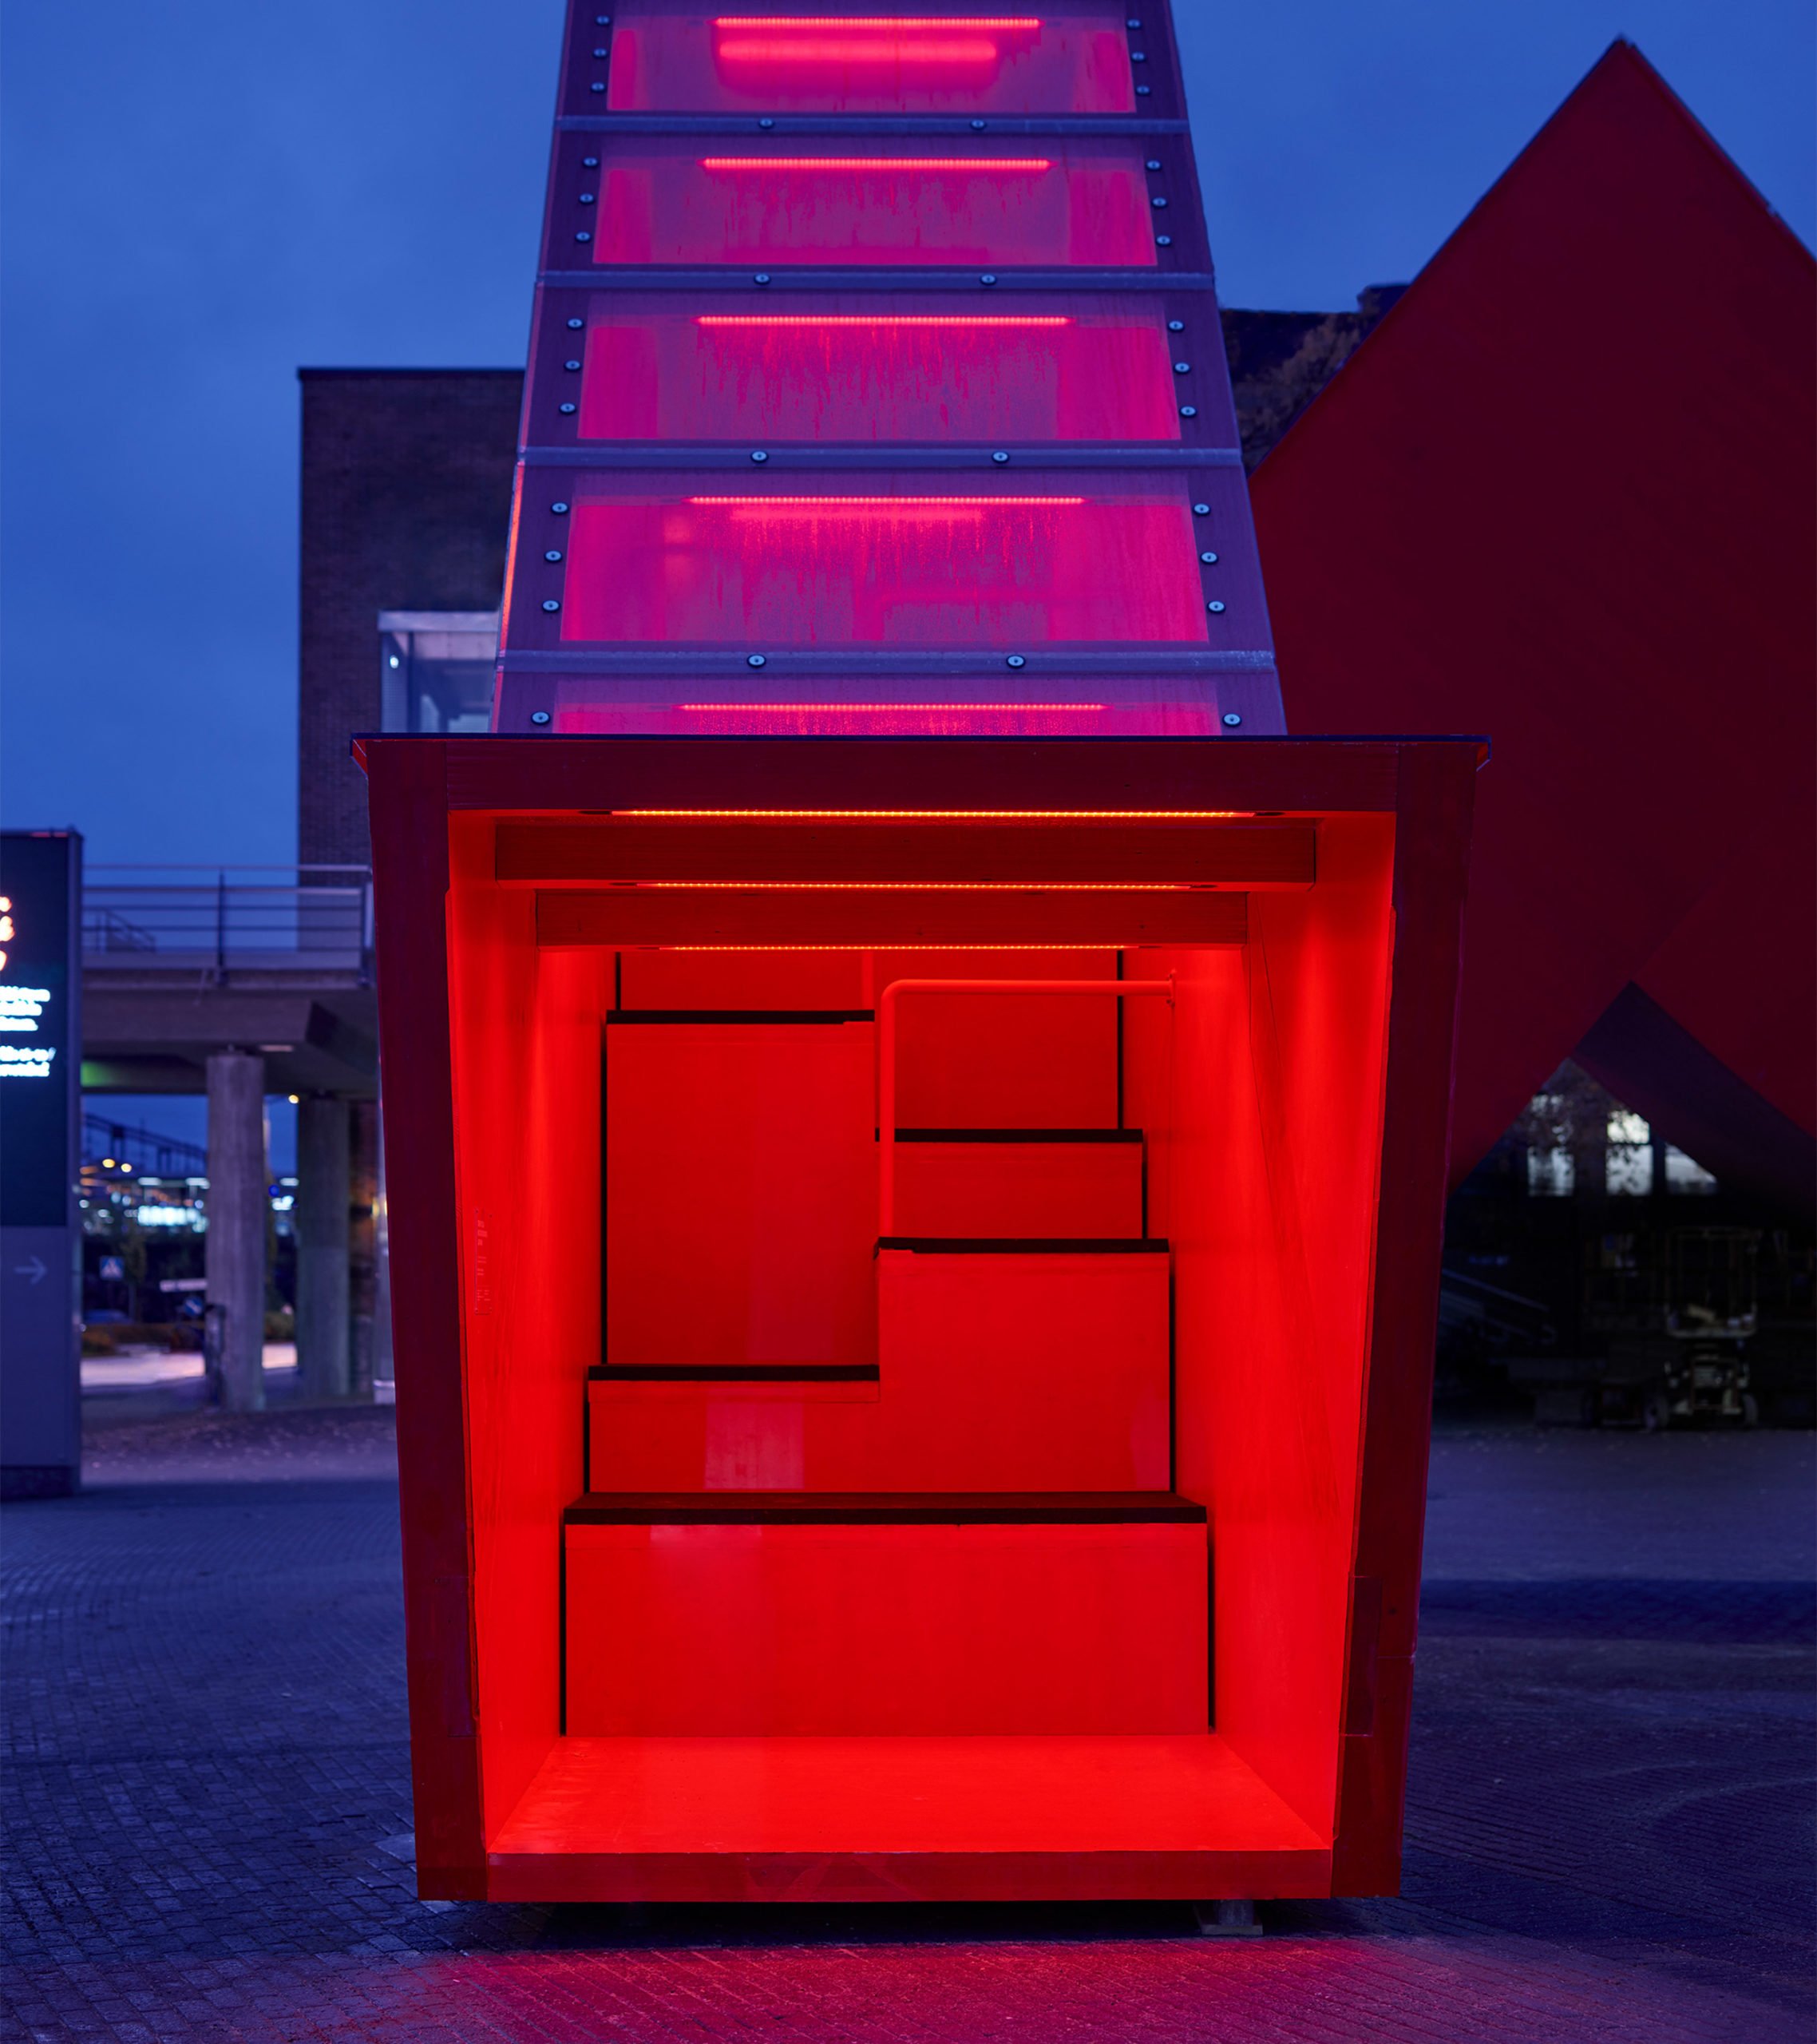 Toiminnallinen teos hohtaa tunnelmallista punaista valoa